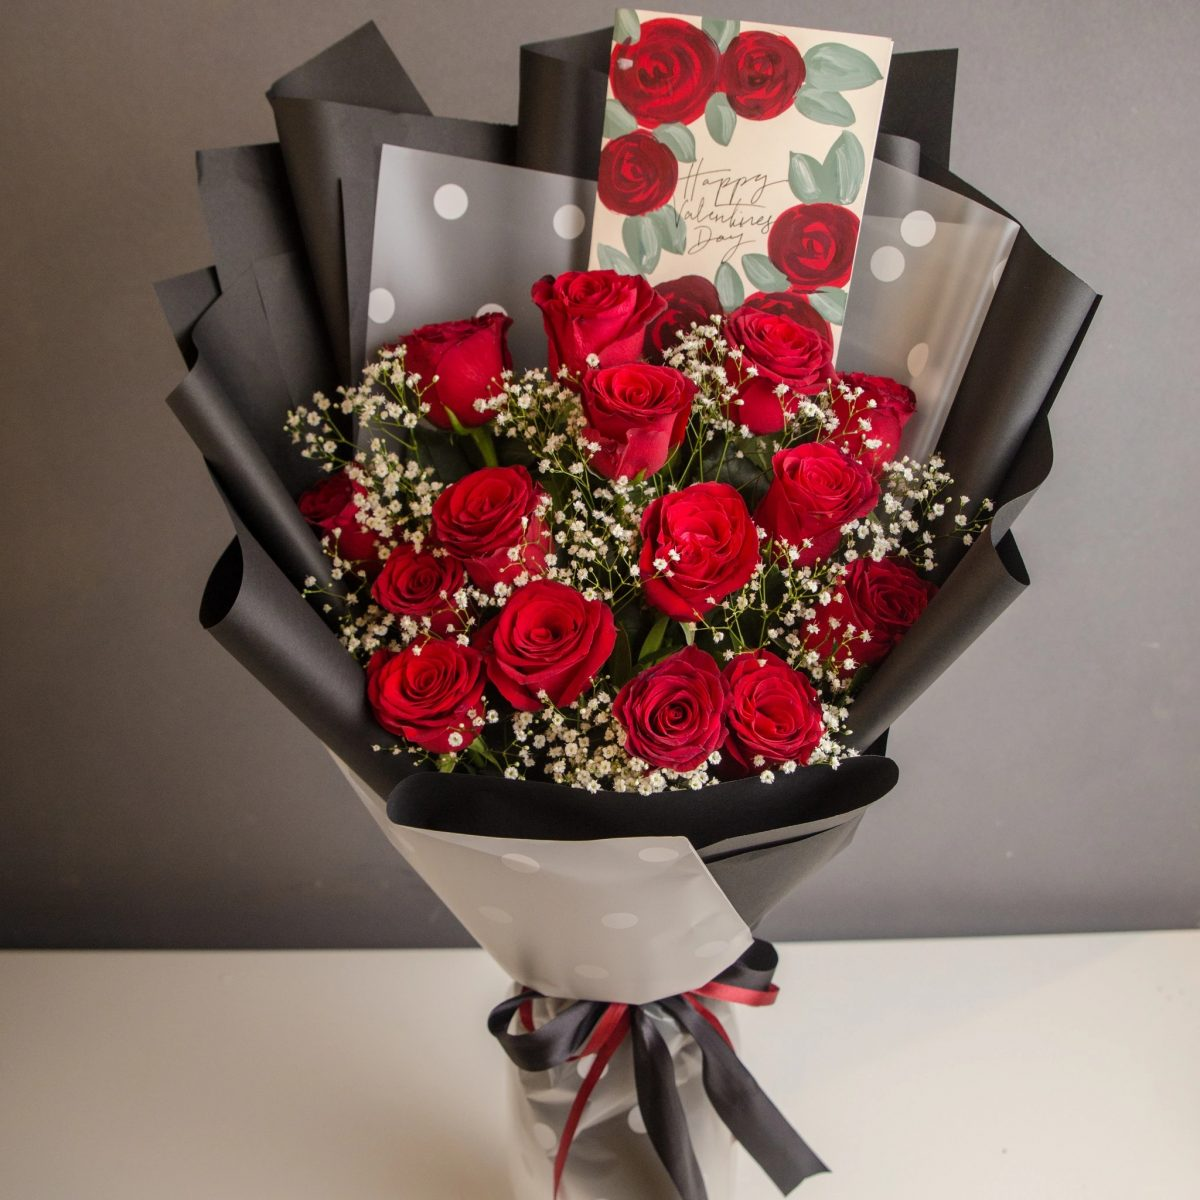 Order Online Flower in Karachi - FromYouFlowers.pk